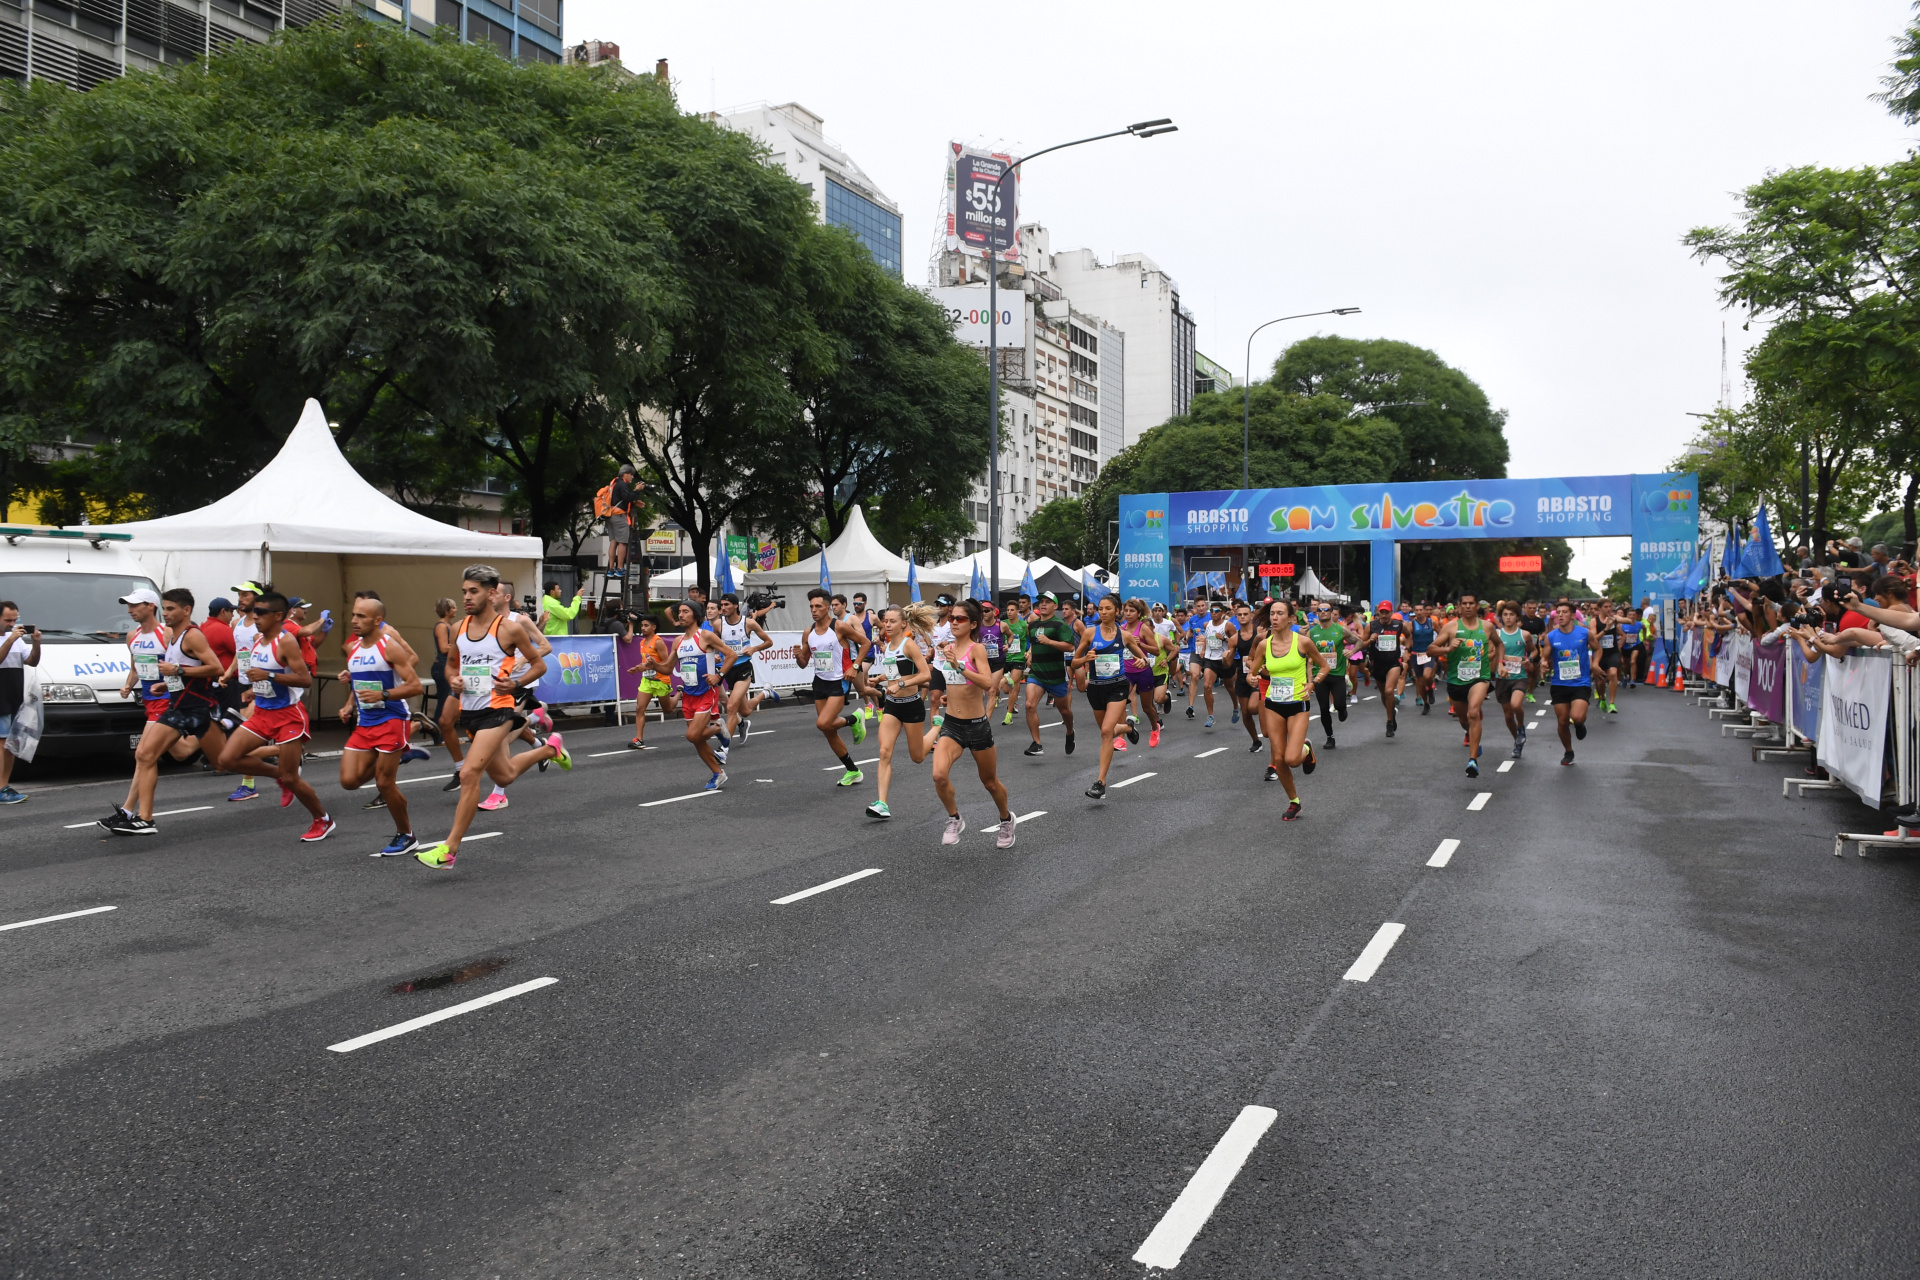 El mal clima no impidió la presencia de miles de corredores (Maximiliano Luna)